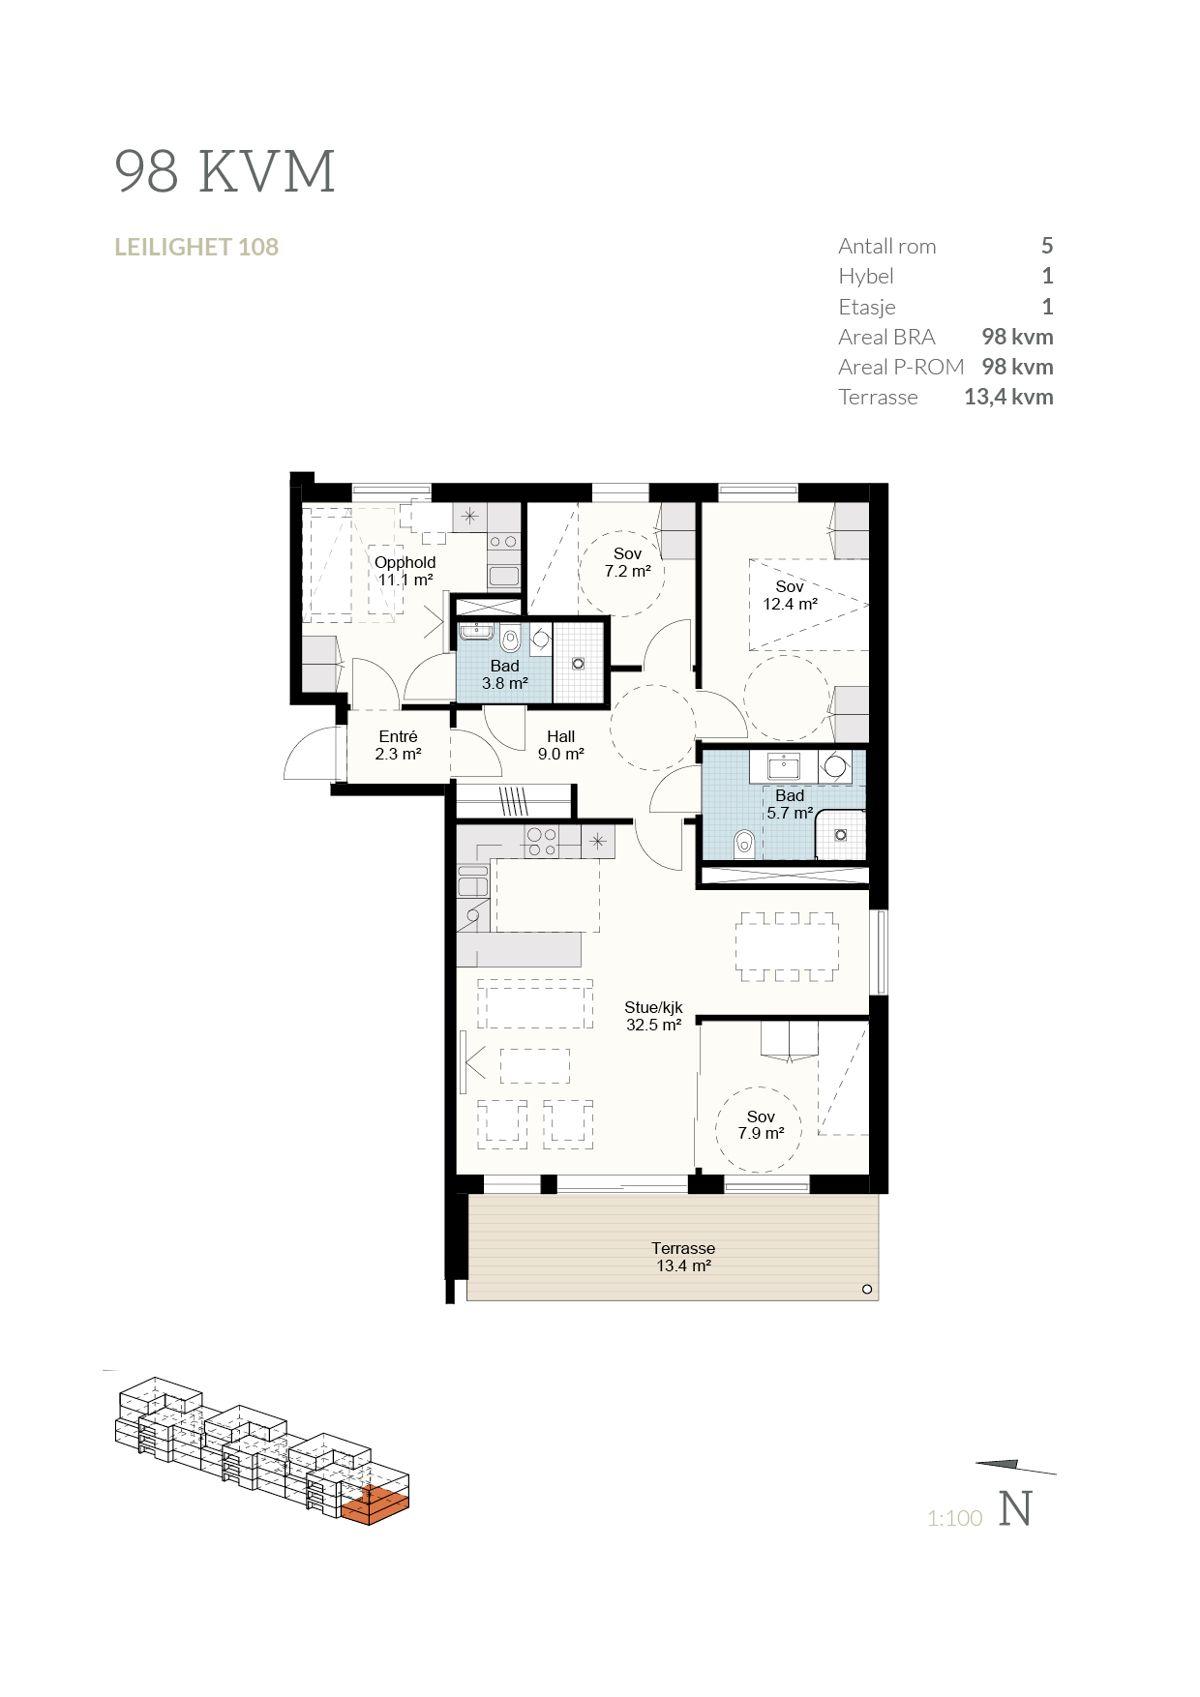 Brånåslunden Plantegning 98 kvm - leilighet 108